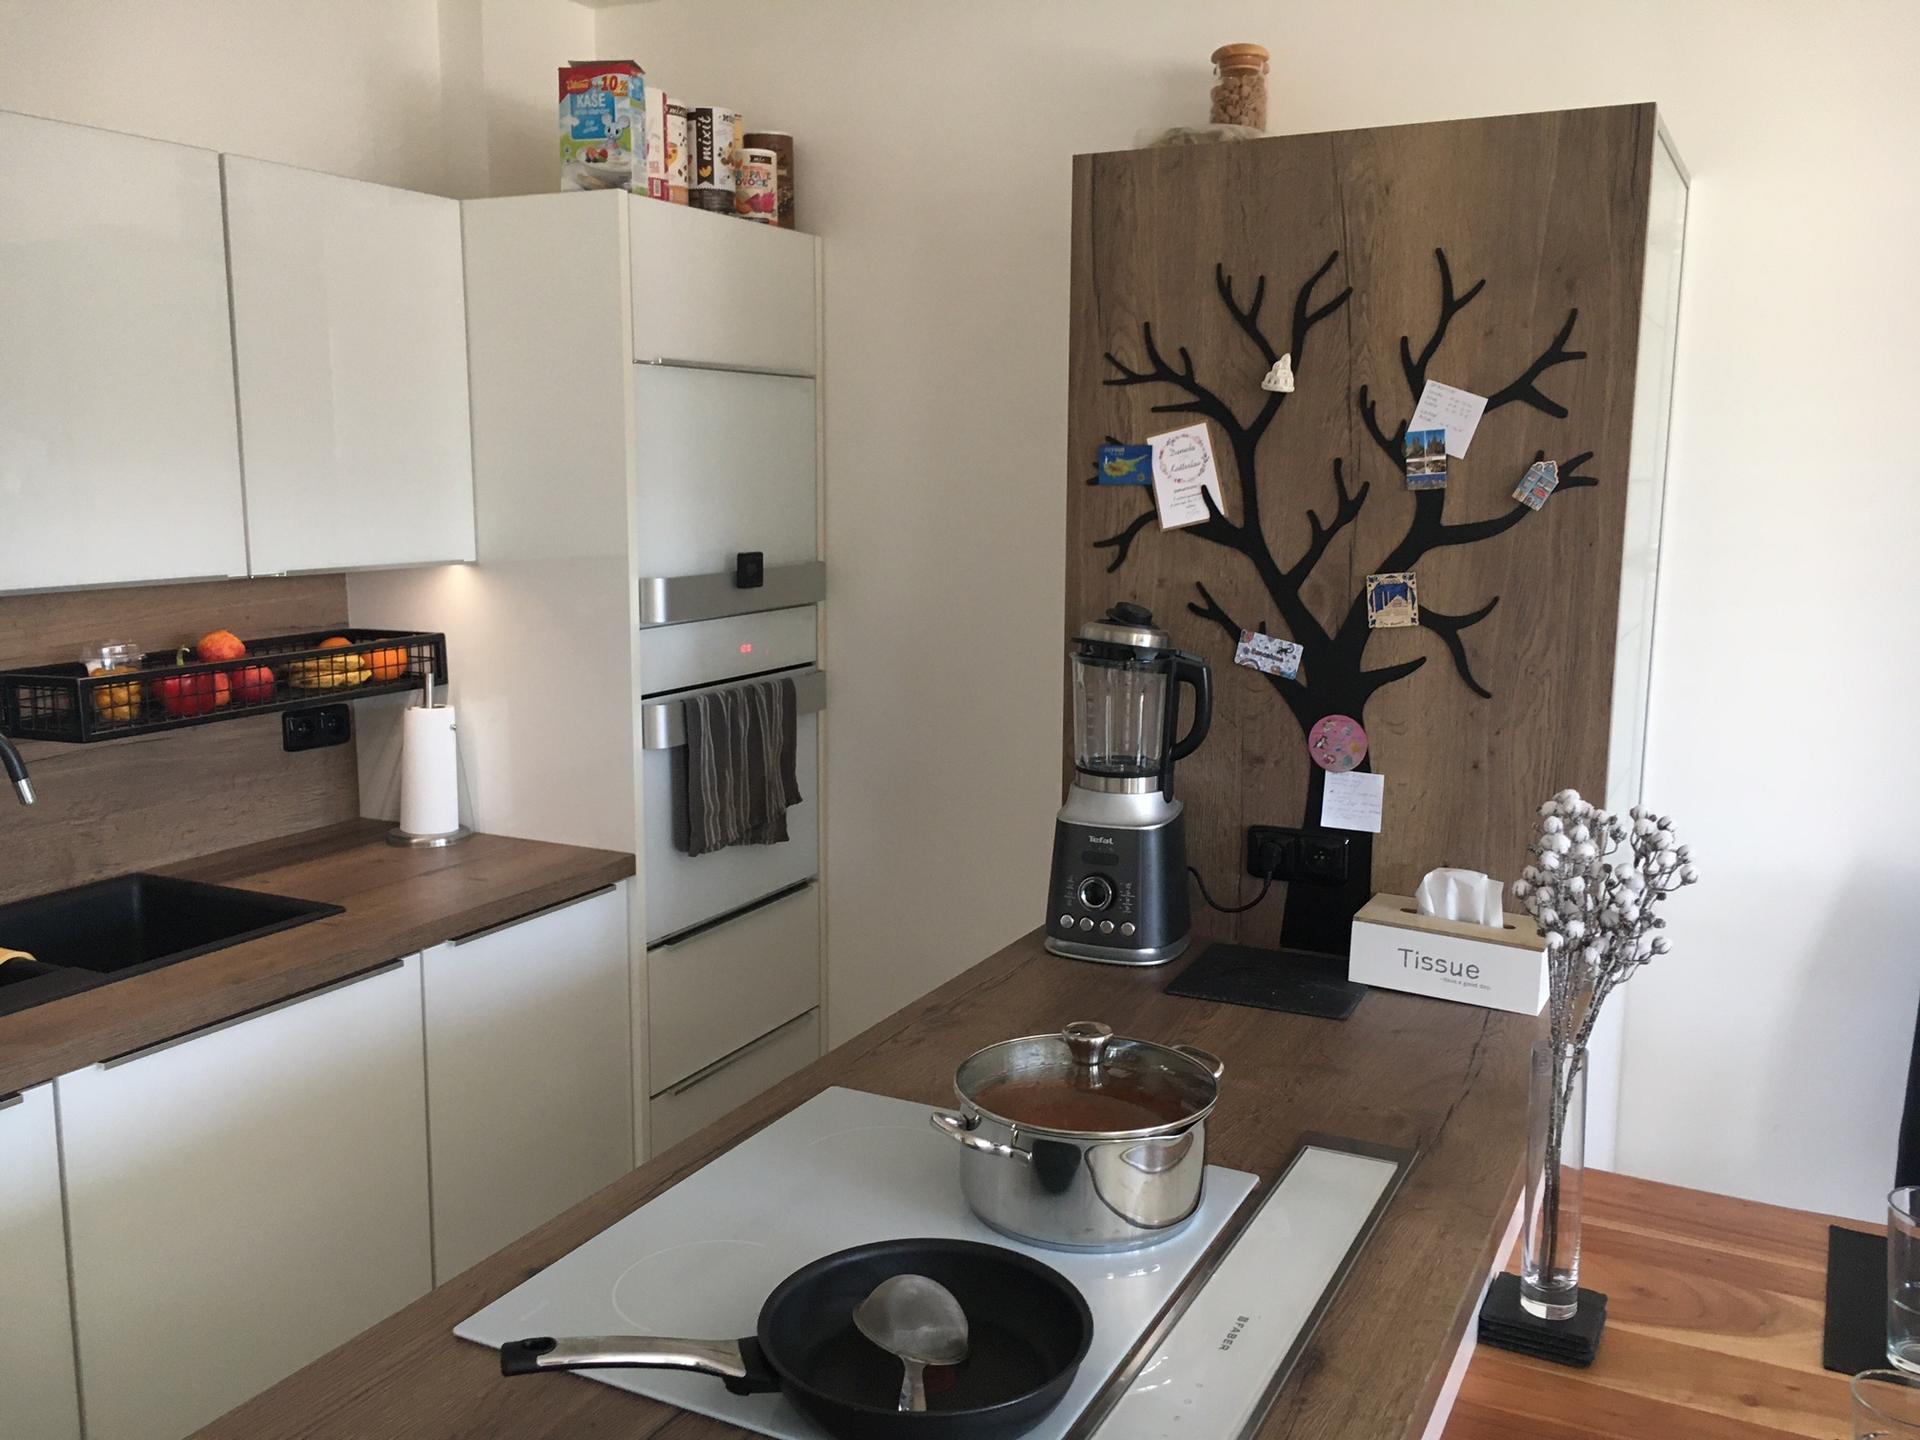 Při nedávné částečné rekonstrukce kuchyně a nového obývacího pokoje to nebylo jen o nábytku, ale i o doplňcích opět navržených na míru a na základě podkladů od nás i vyrobených. Jedná se o magnetický strom a drátěnou polici s výklenem kvůli vysoké baterii. Co říkáte, jak se Vám tyto produkty líbí? - Obrázek č. 3